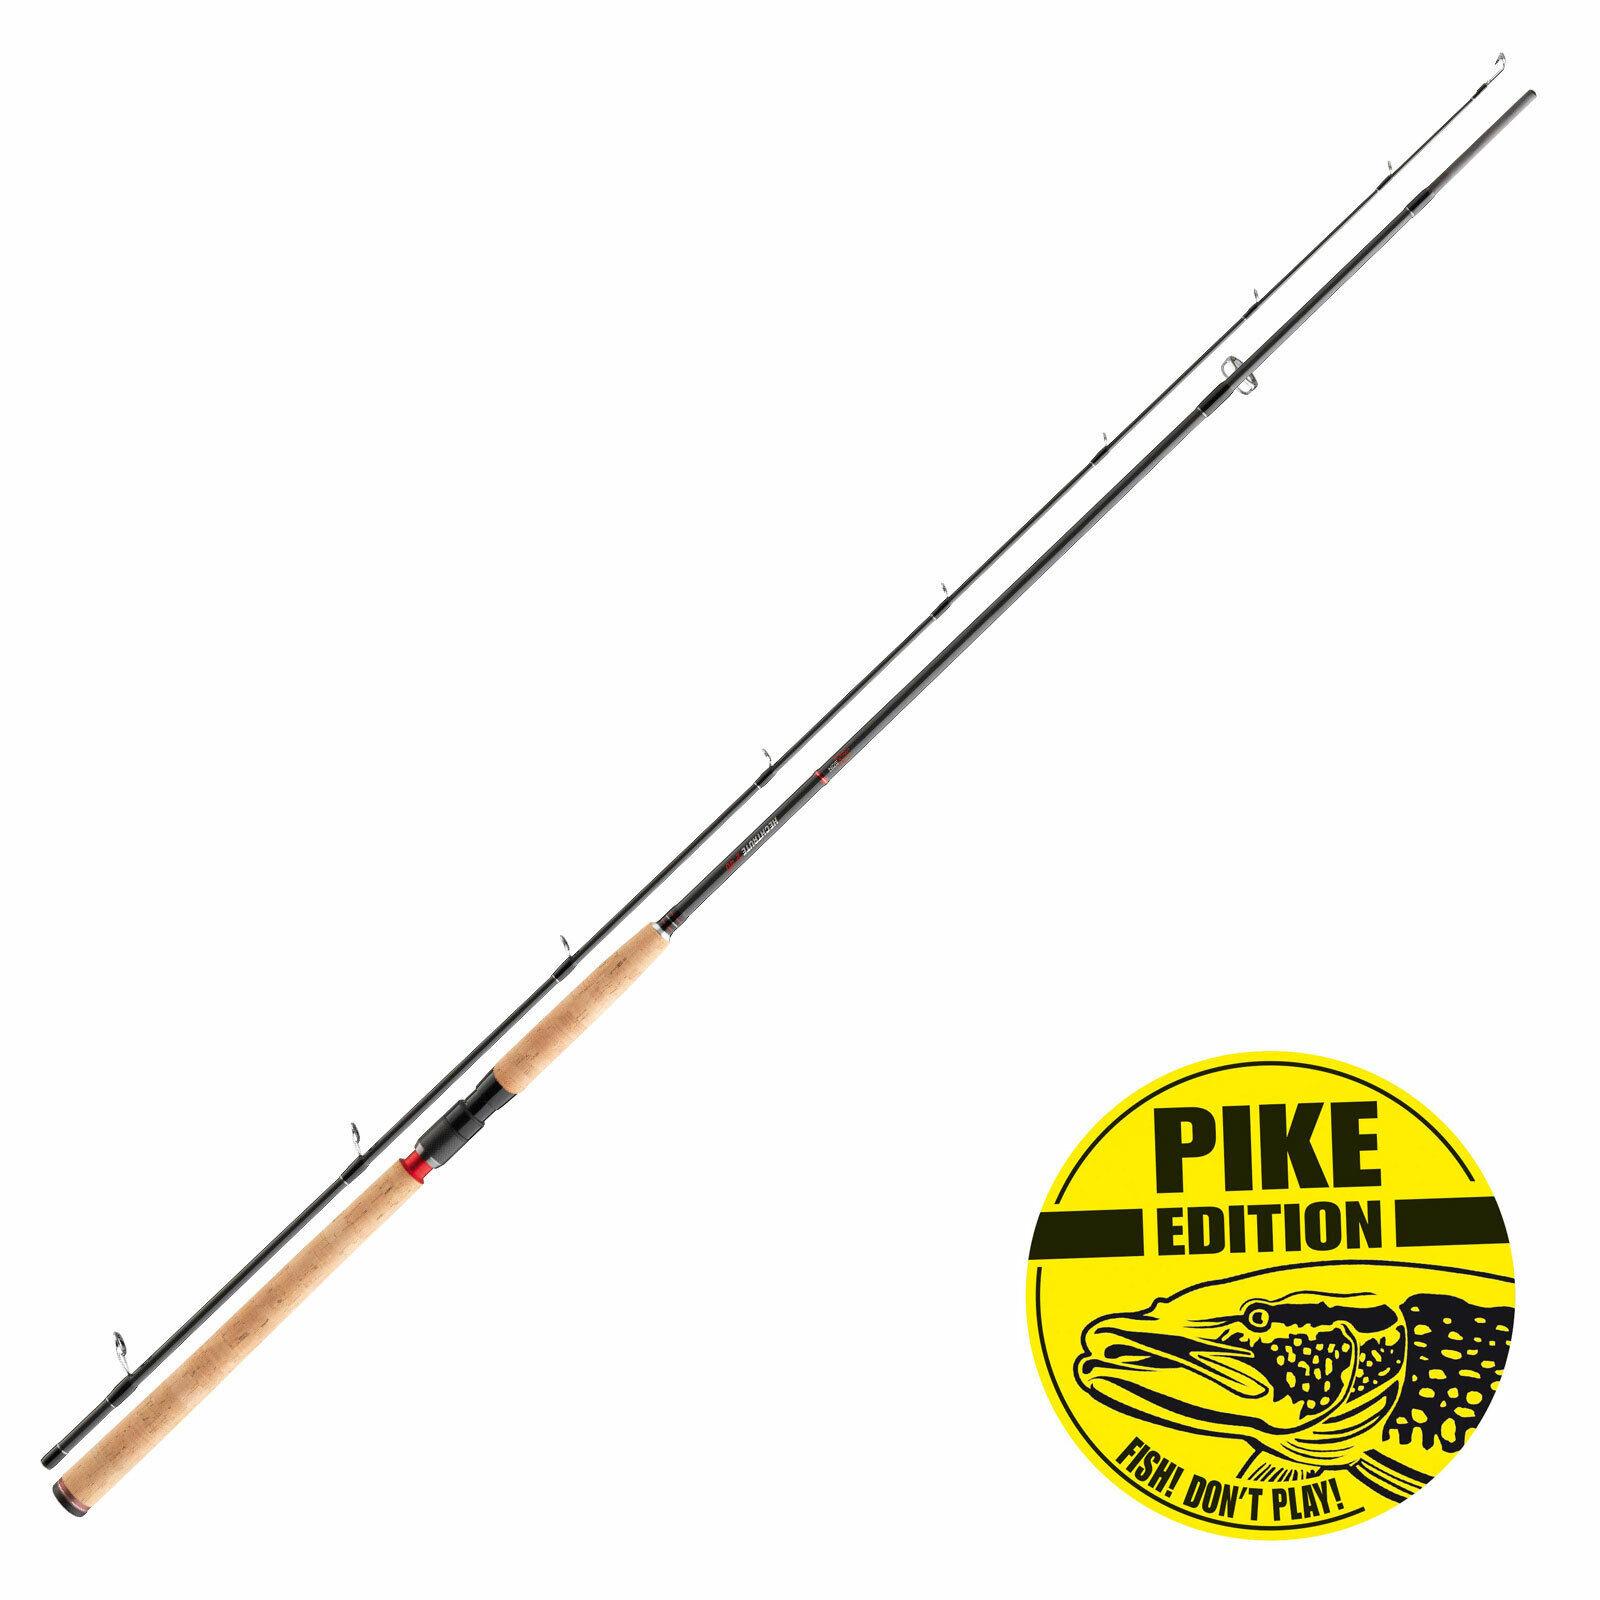 Jackson caña de pesCoche Cocherete fijo steckrute-hechtrute longitud 2,40m WG 40-80g